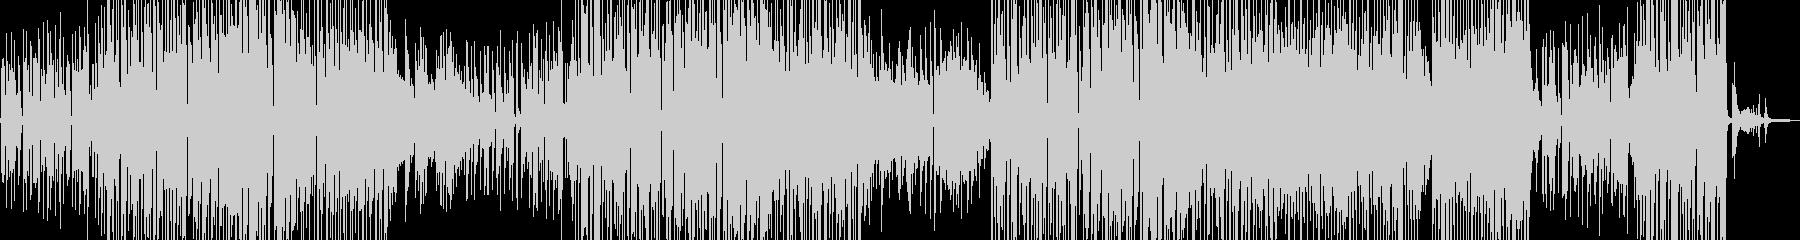 シャイな雰囲気・ほんわかしたジャズ 長尺の未再生の波形